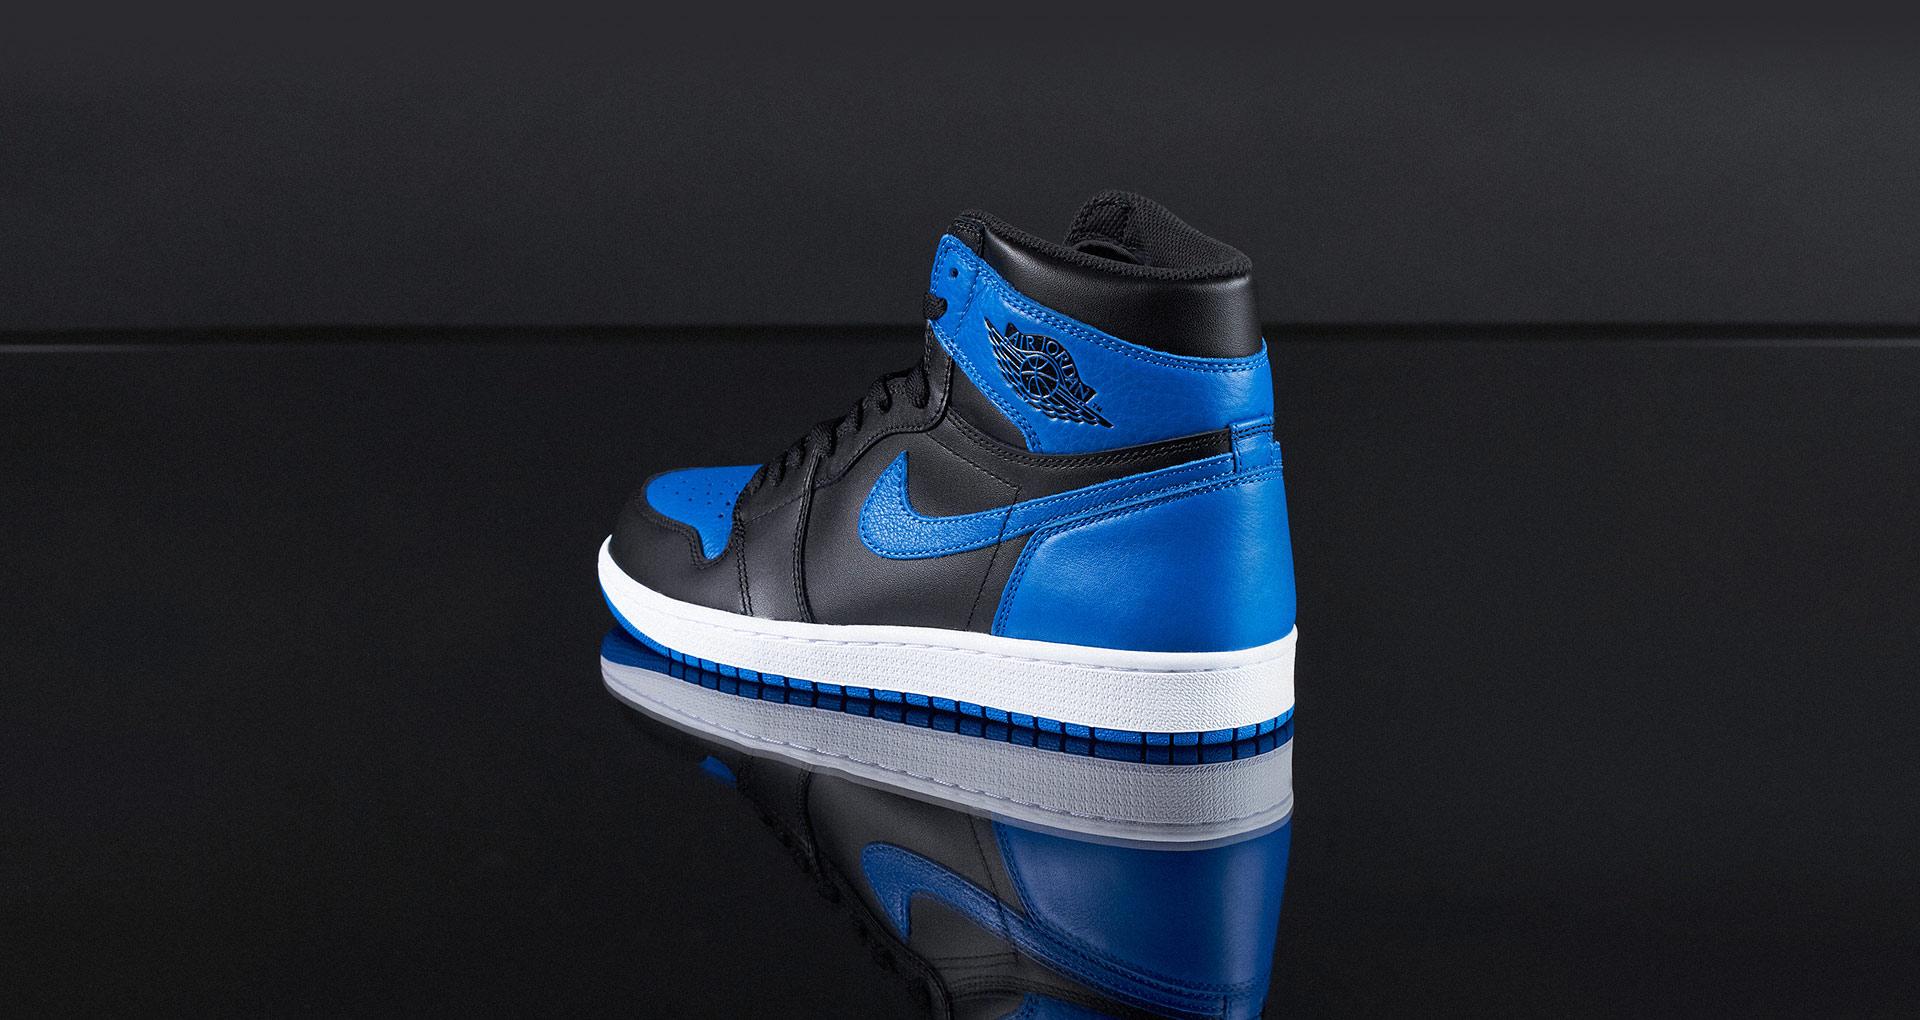 6 Days 6 Sneakers 1 AJ1 Royal